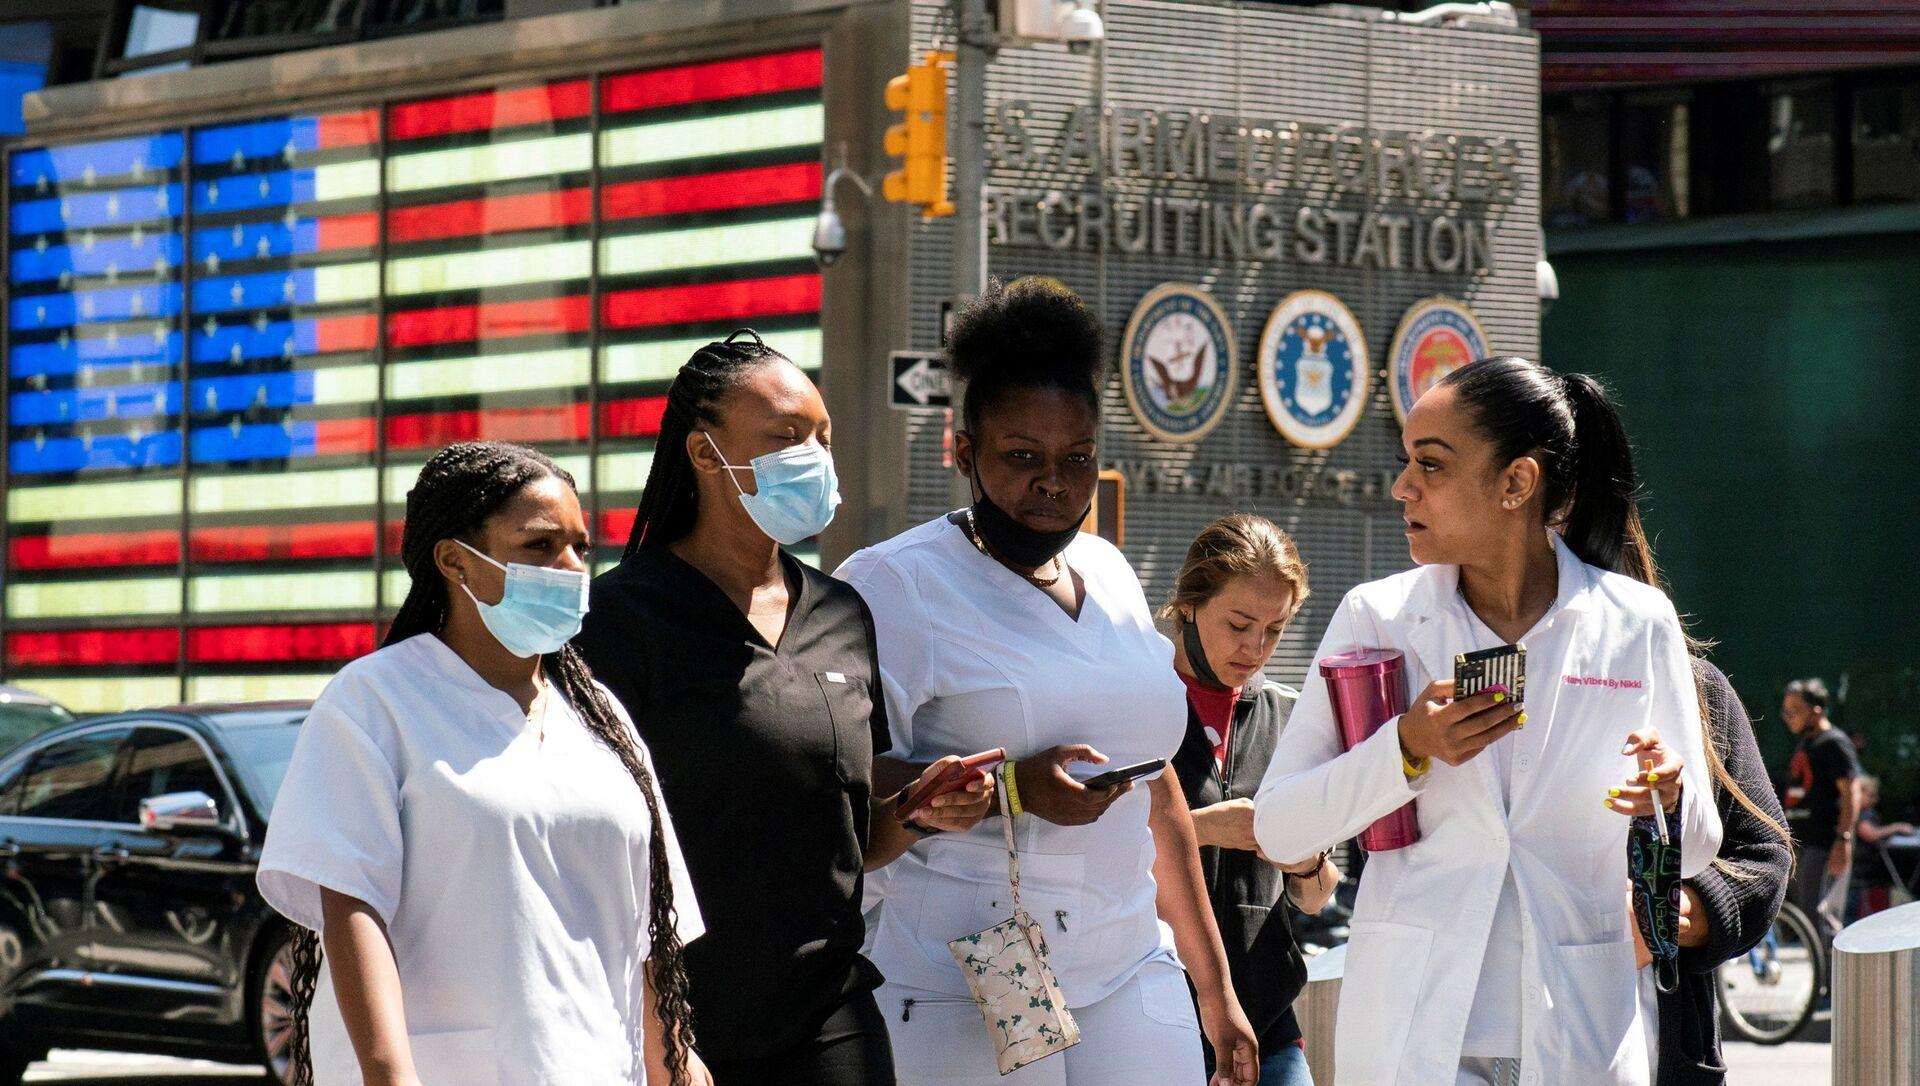 New York'ta Delta varyantı yüzünden Kovid vakaları yeniden artarken Times Meydanı'nda maskeyle dolaşılıyor. - Sputnik Türkiye, 1920, 02.08.2021